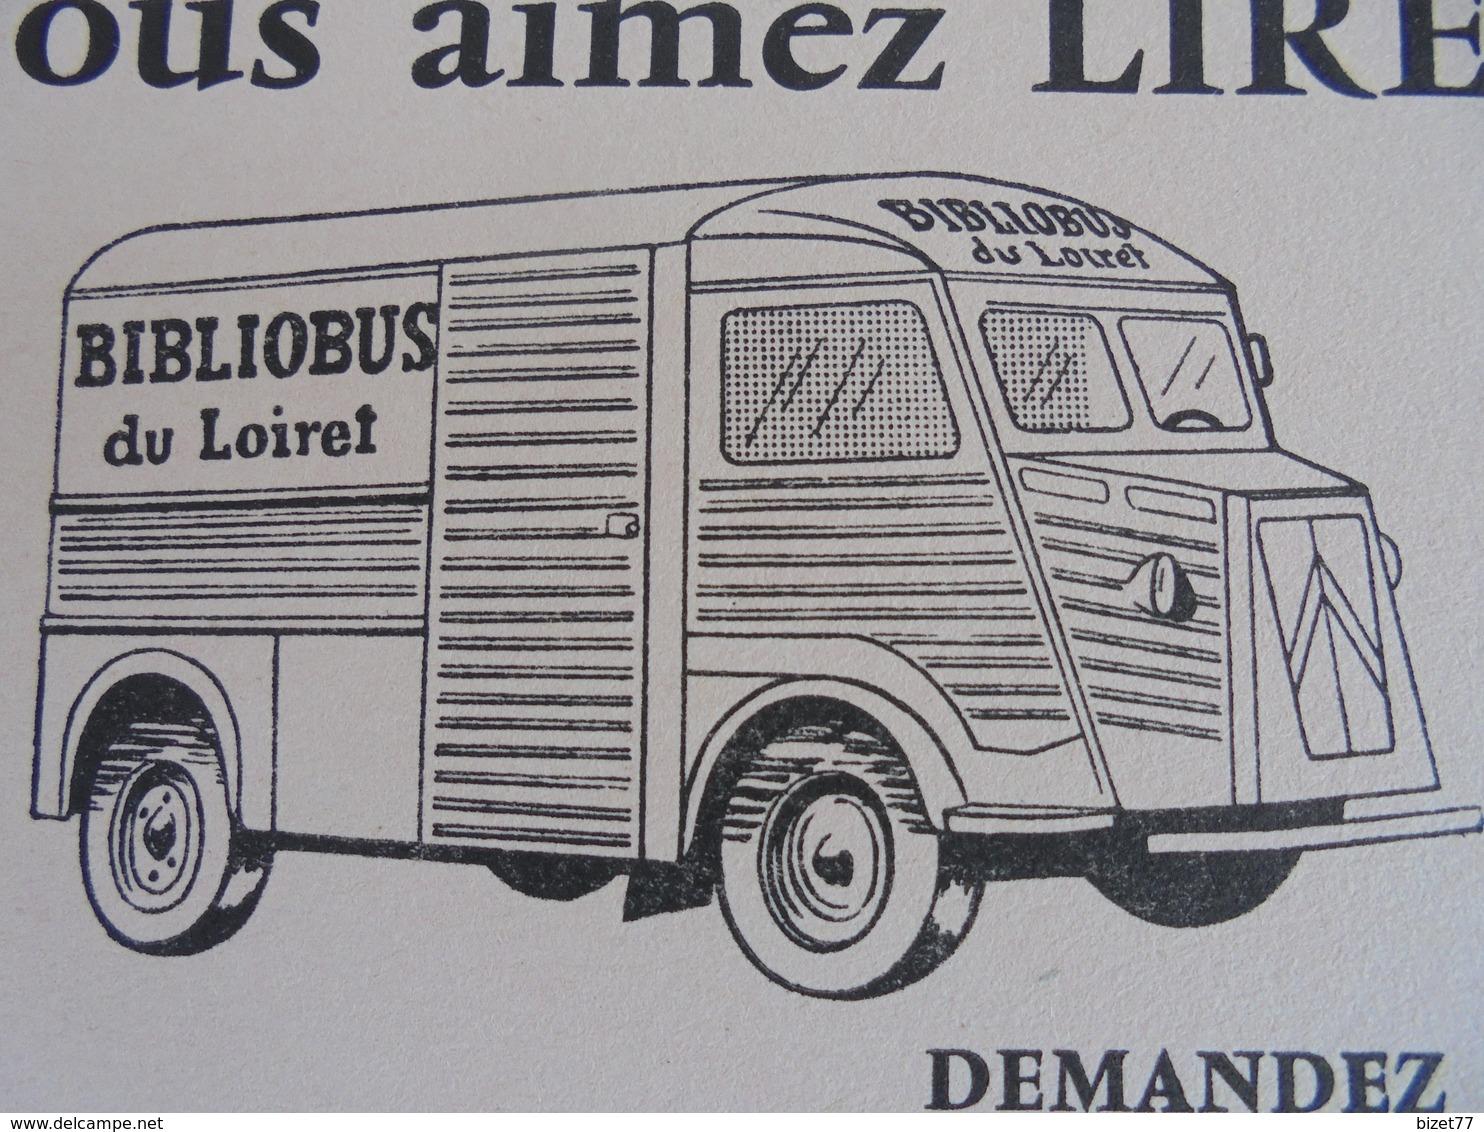 ORLEANS, BIBLIOBUS DU LOIRET, RUE DUPANLOUP - Blotters